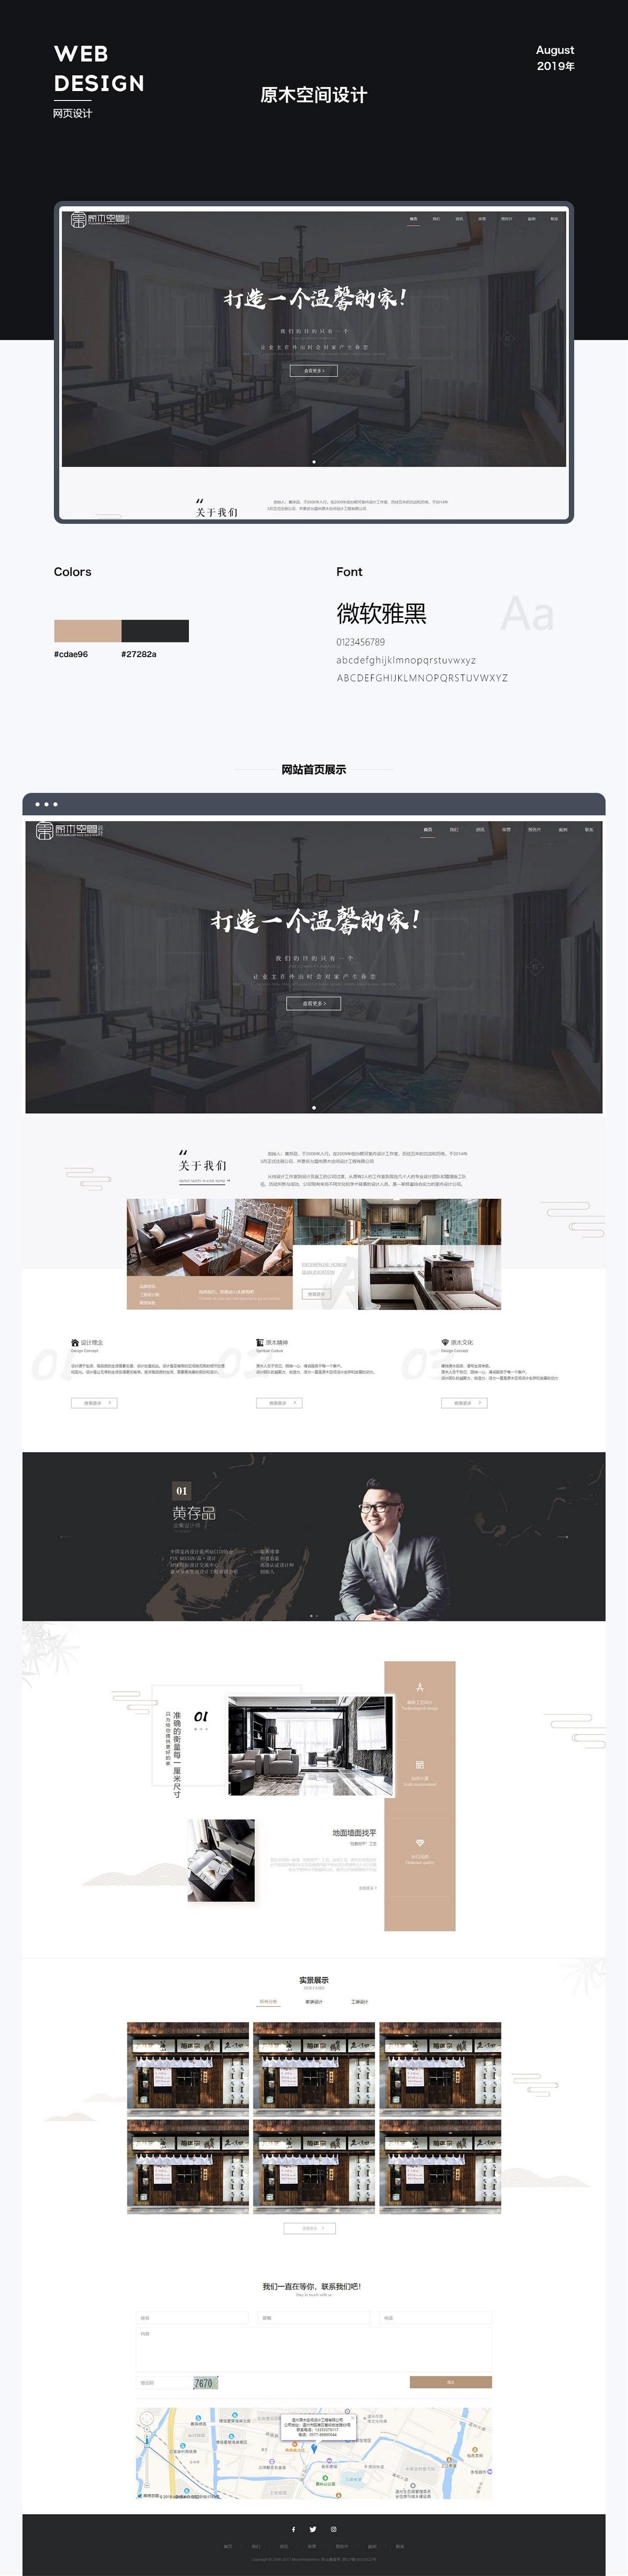 2019企业站设计作品(3)